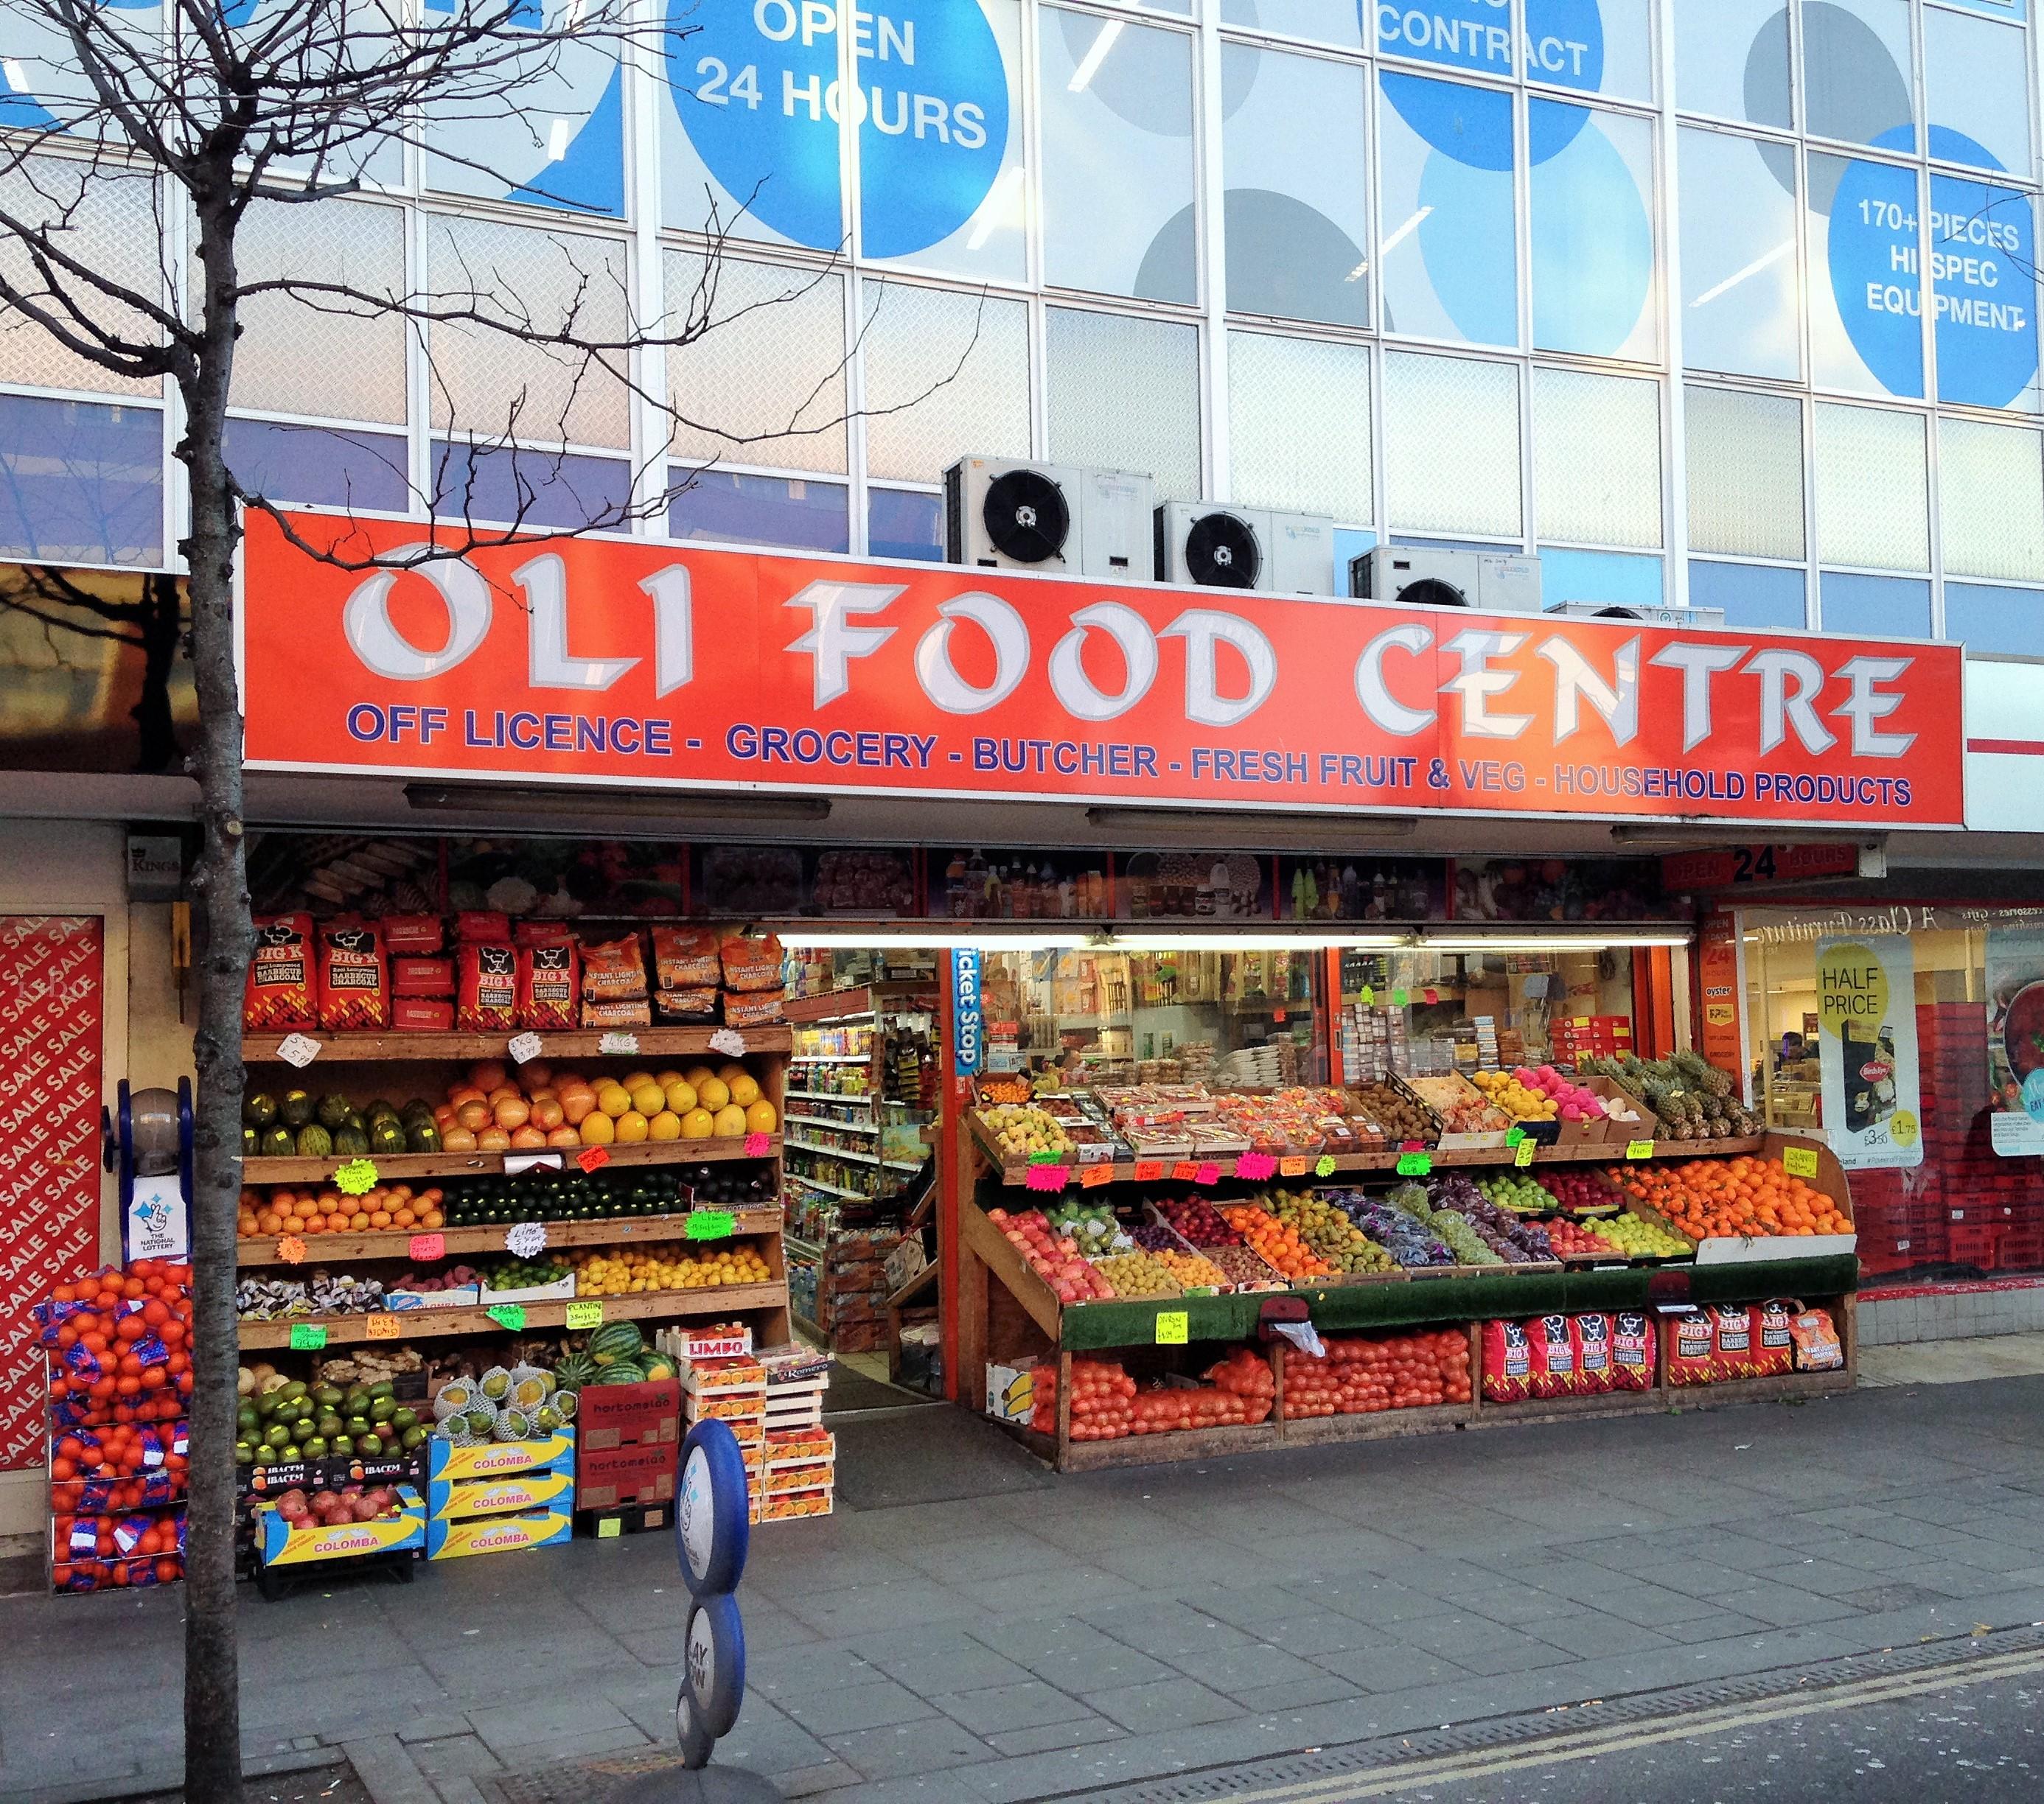 Oli Food Centre on Walworth Road